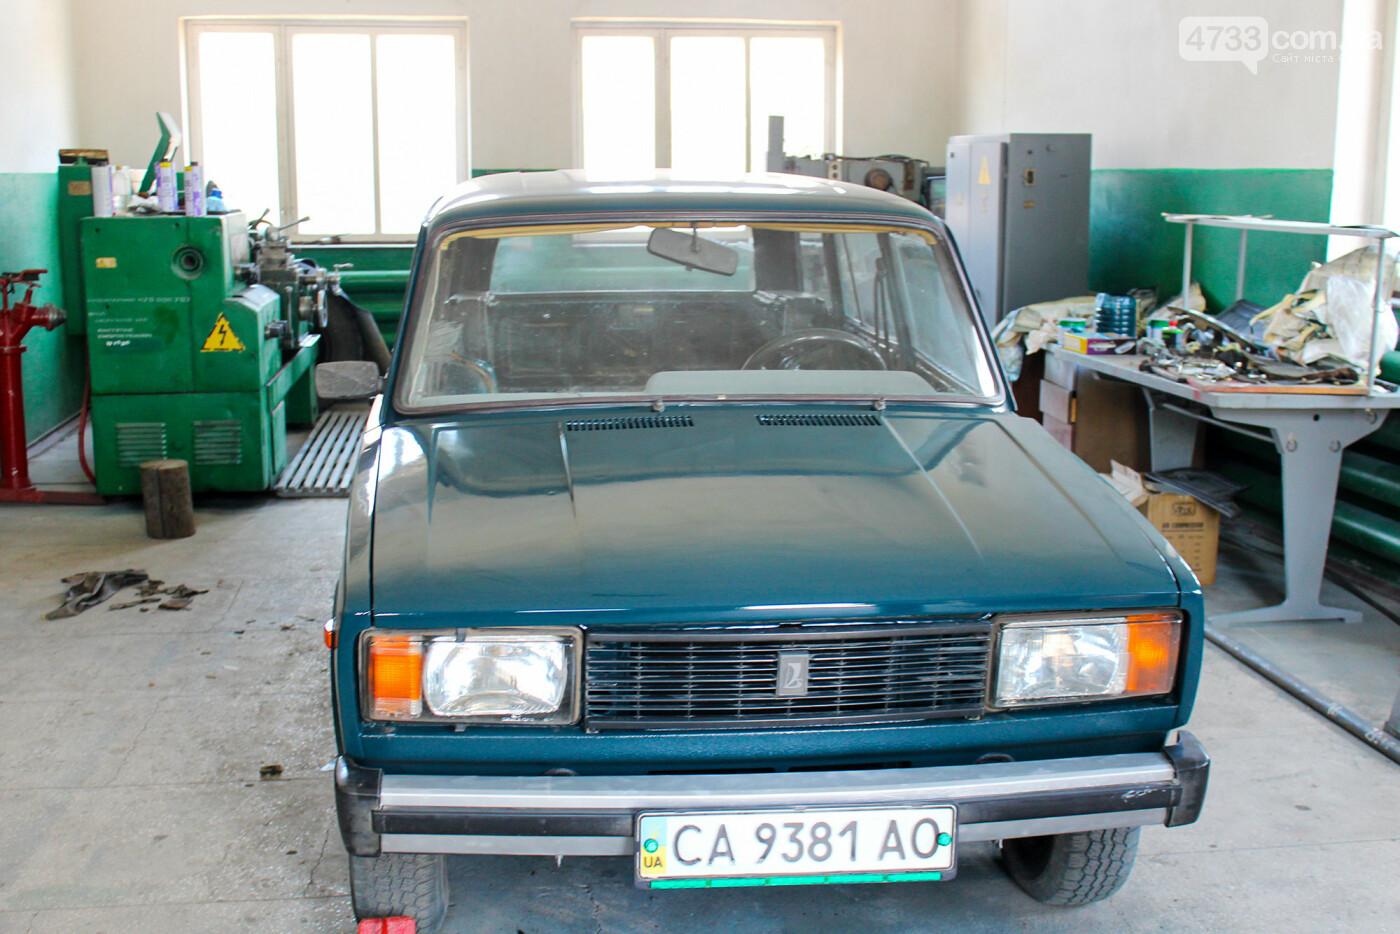 У Смілянському міському РЕМ реставрують авто самостійно, фото-1